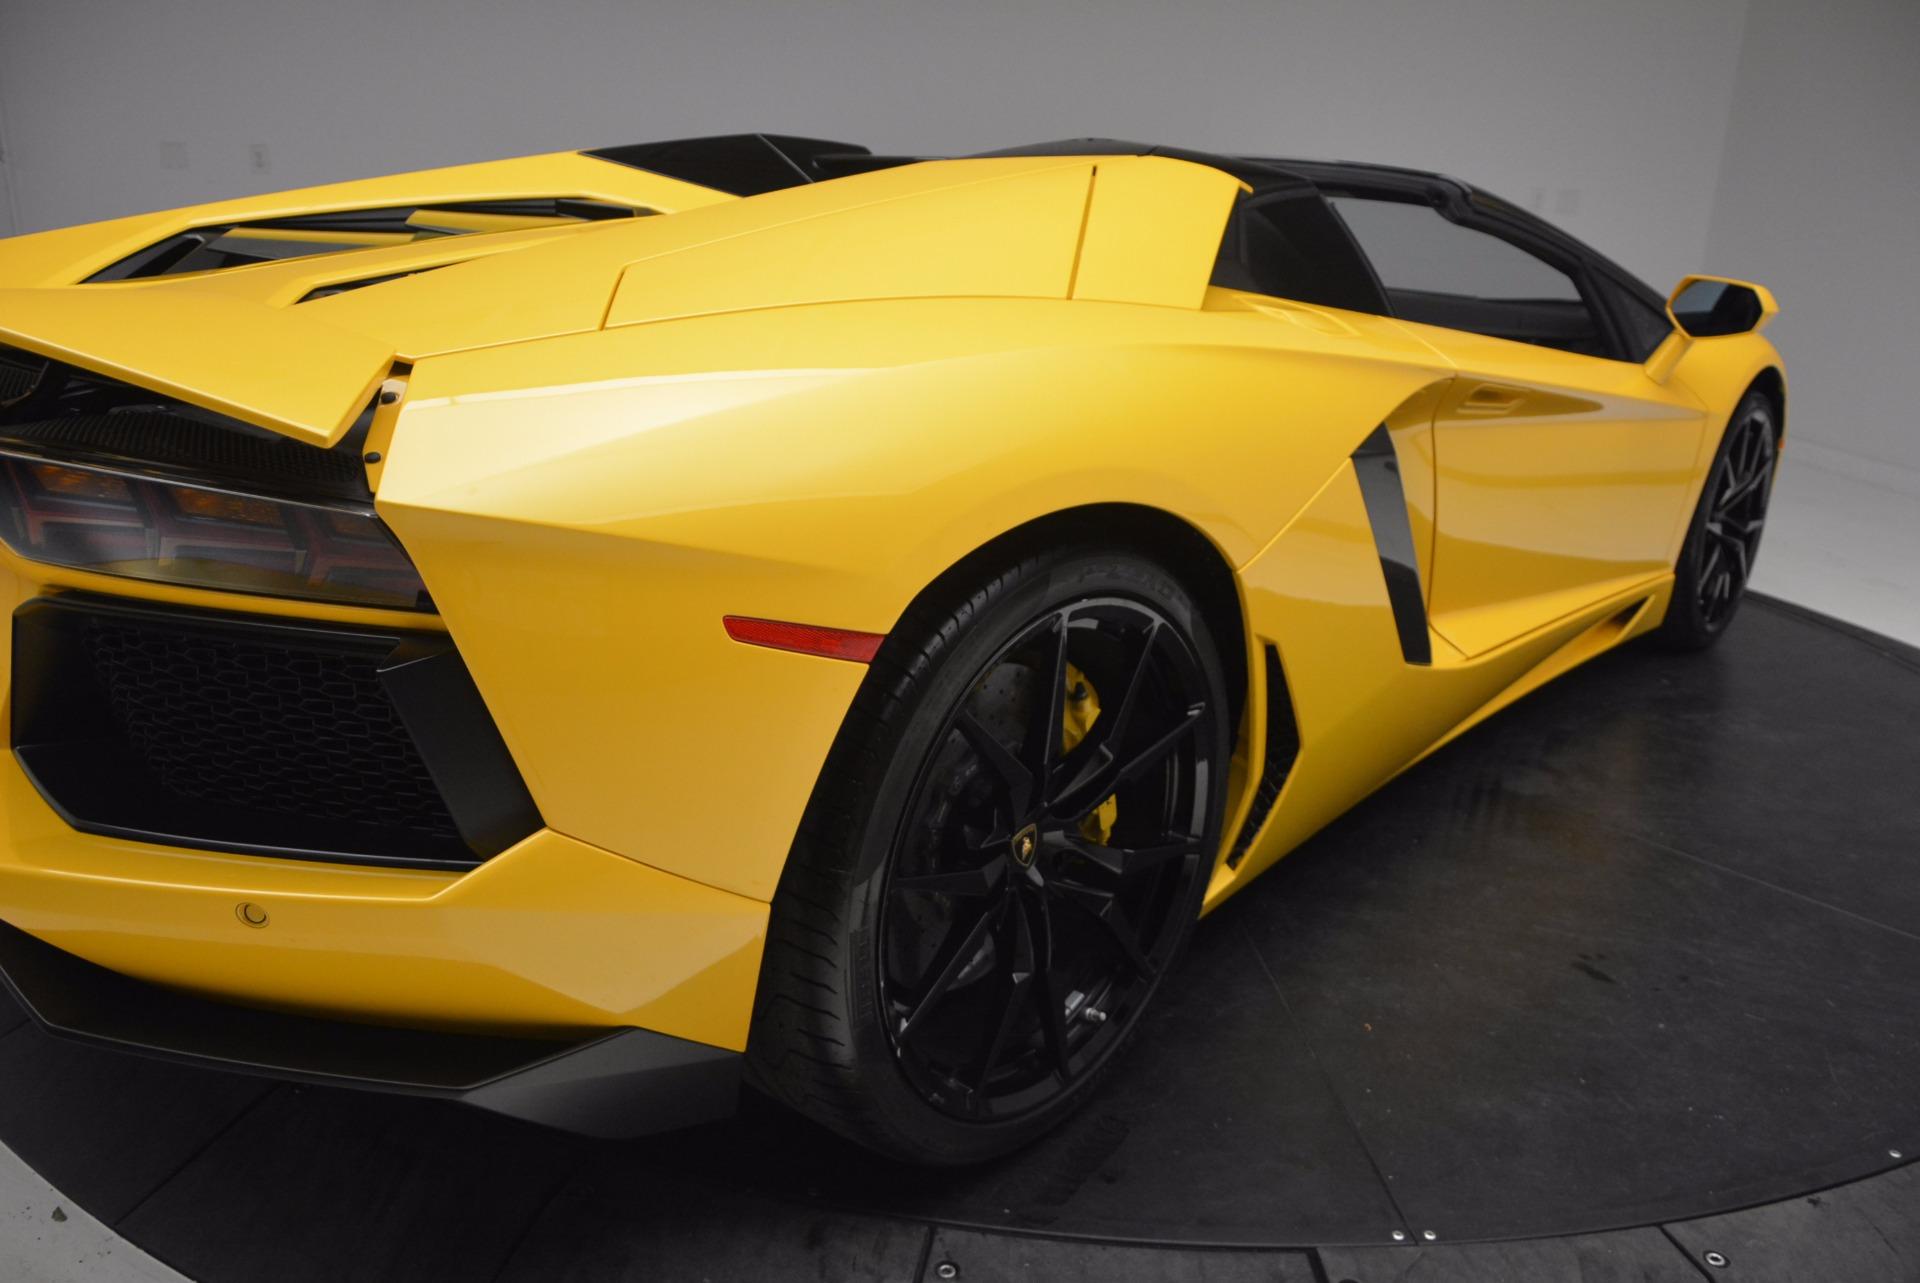 Used 2015 Lamborghini Aventador LP 700-4 Roadster For Sale In Greenwich, CT. Alfa Romeo of Greenwich, 7284 1774_p20